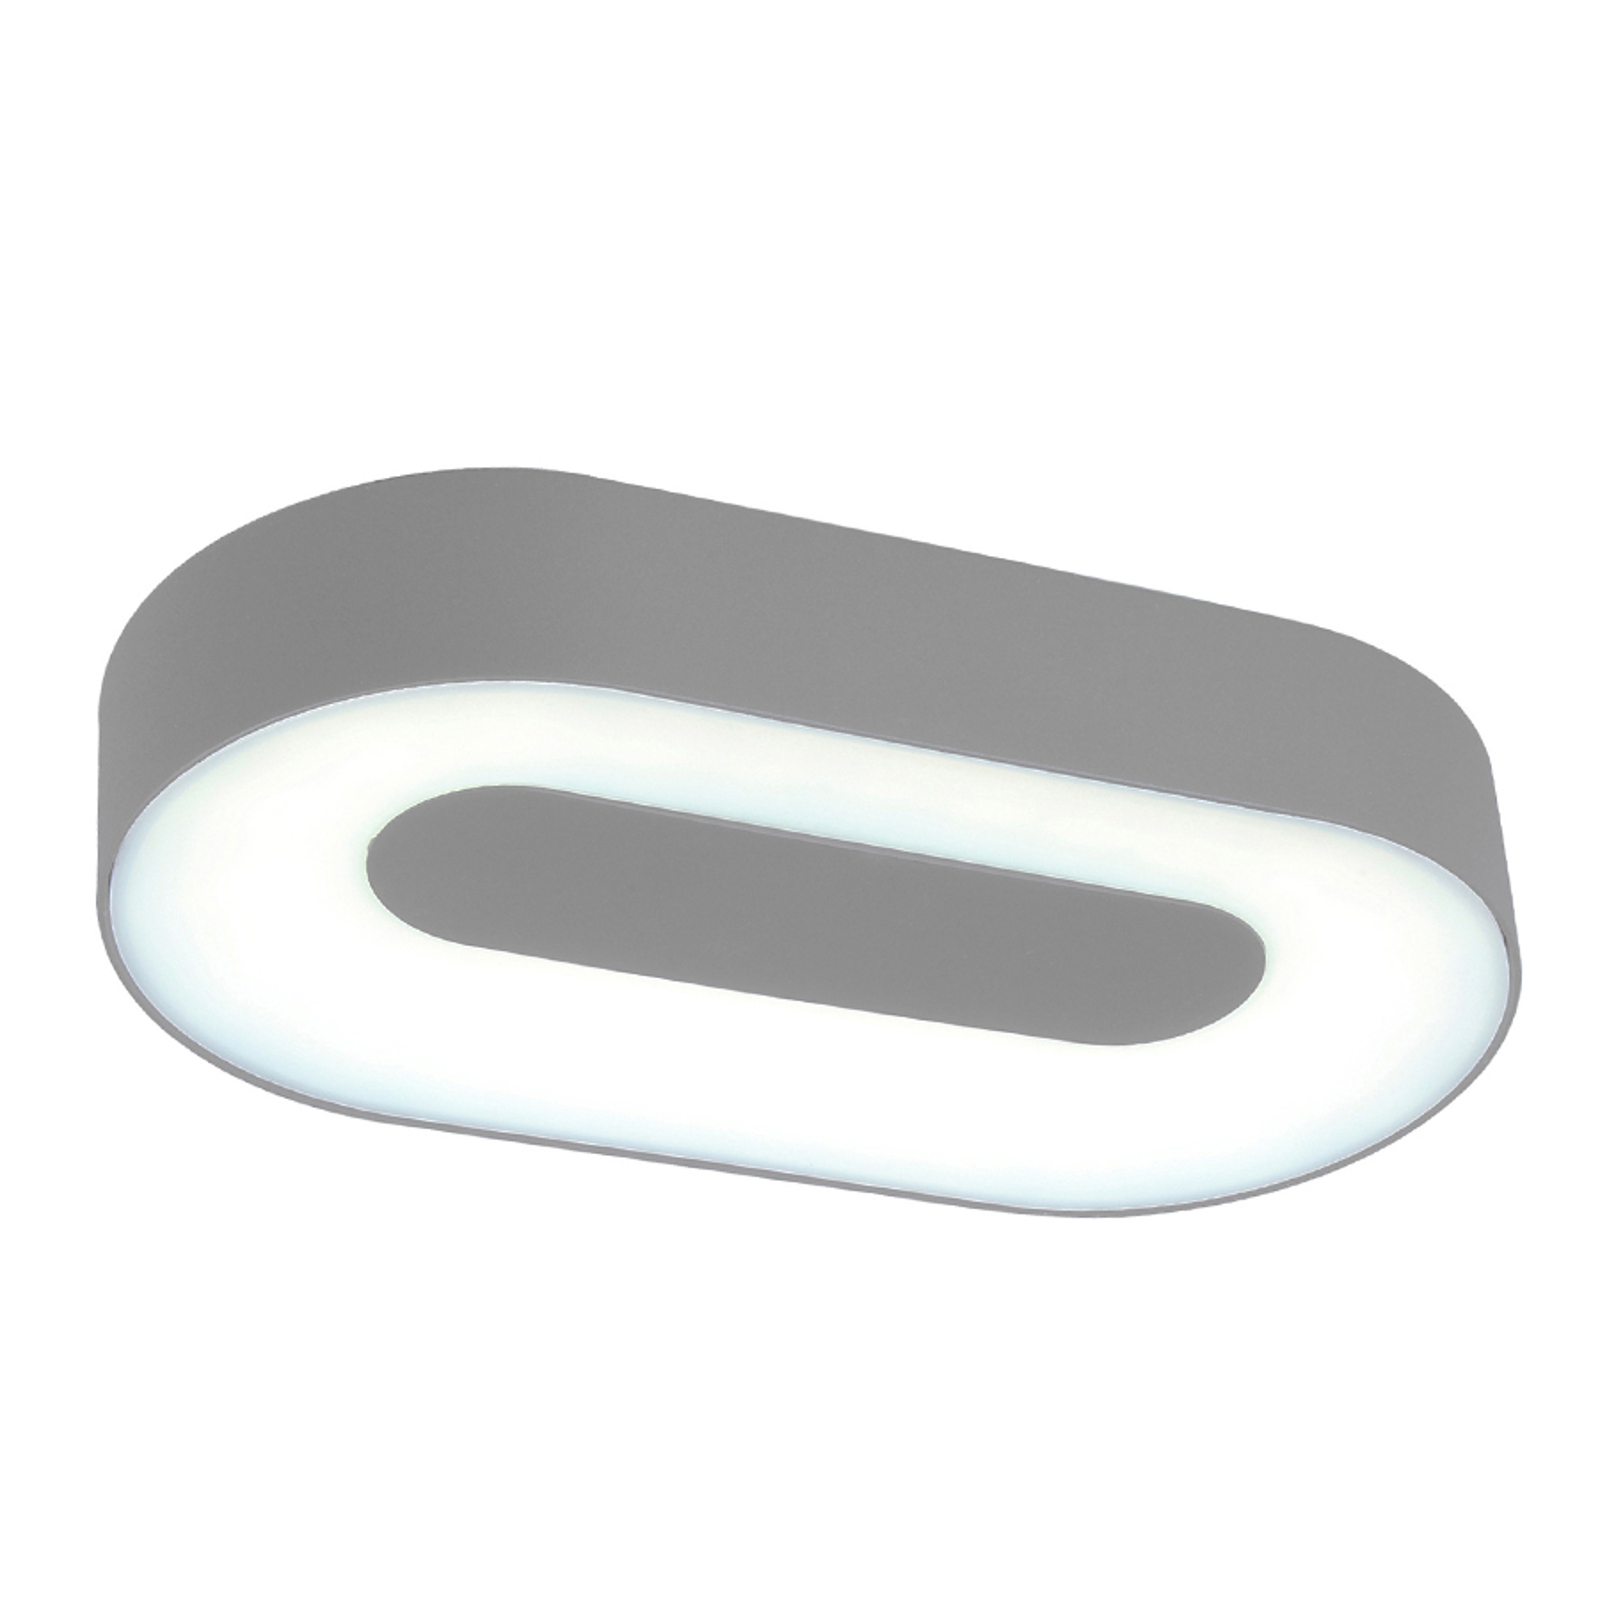 Oval LED-vegglampe Ublo for utebruk